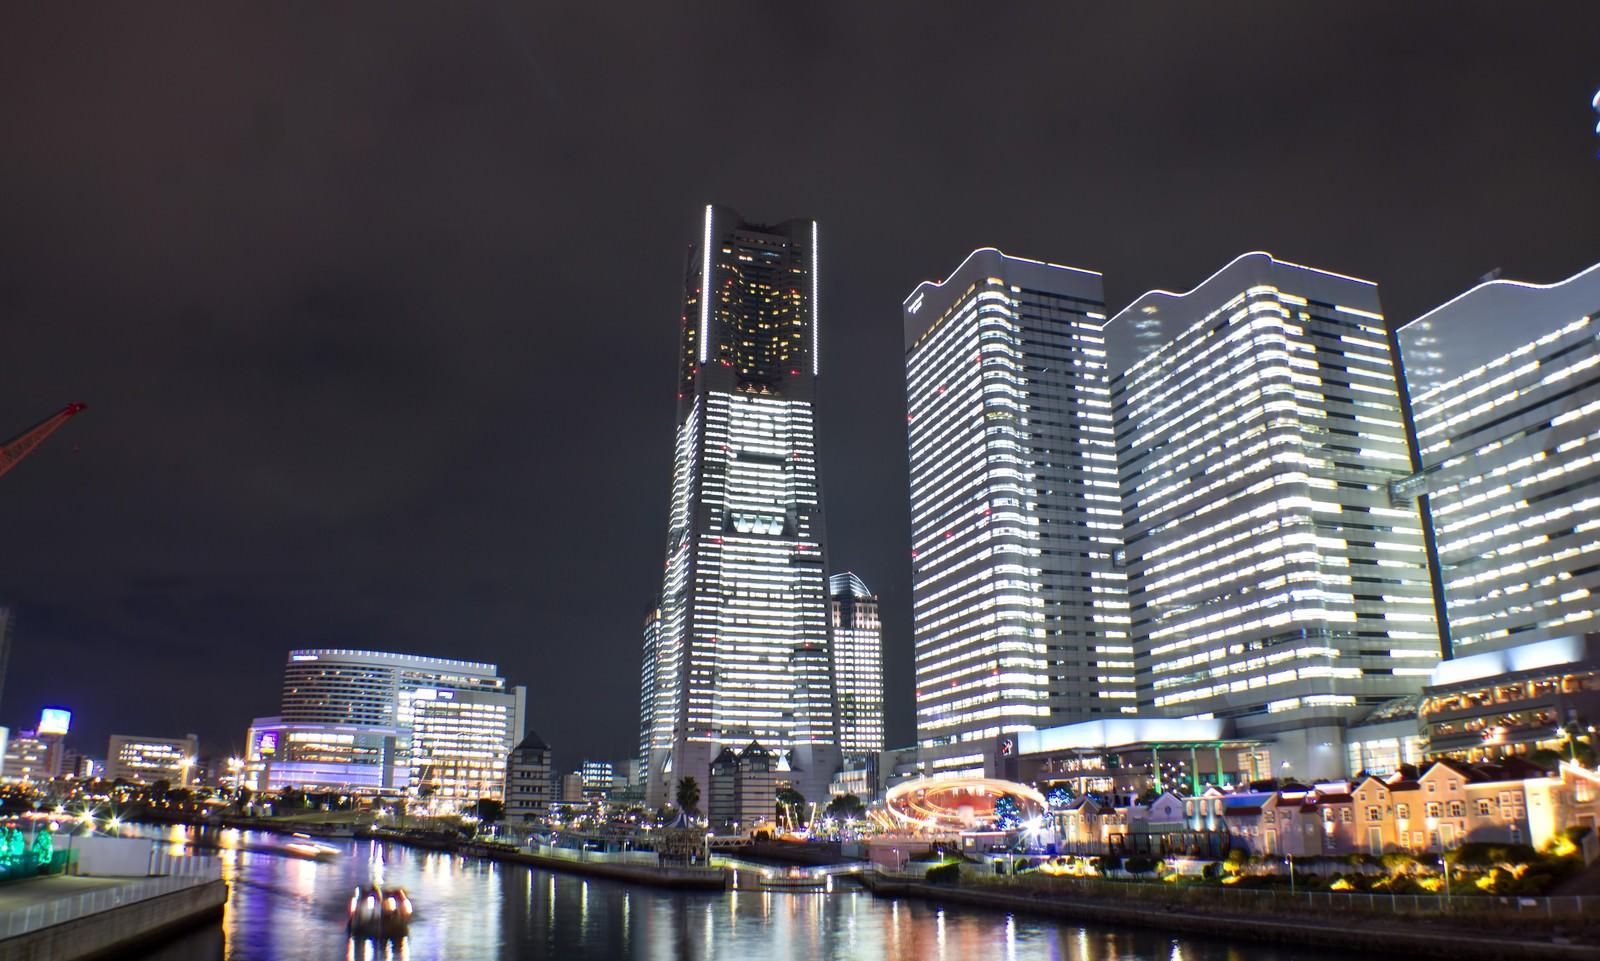 「タワーズミライトとコスモワールド(夜景)」の写真